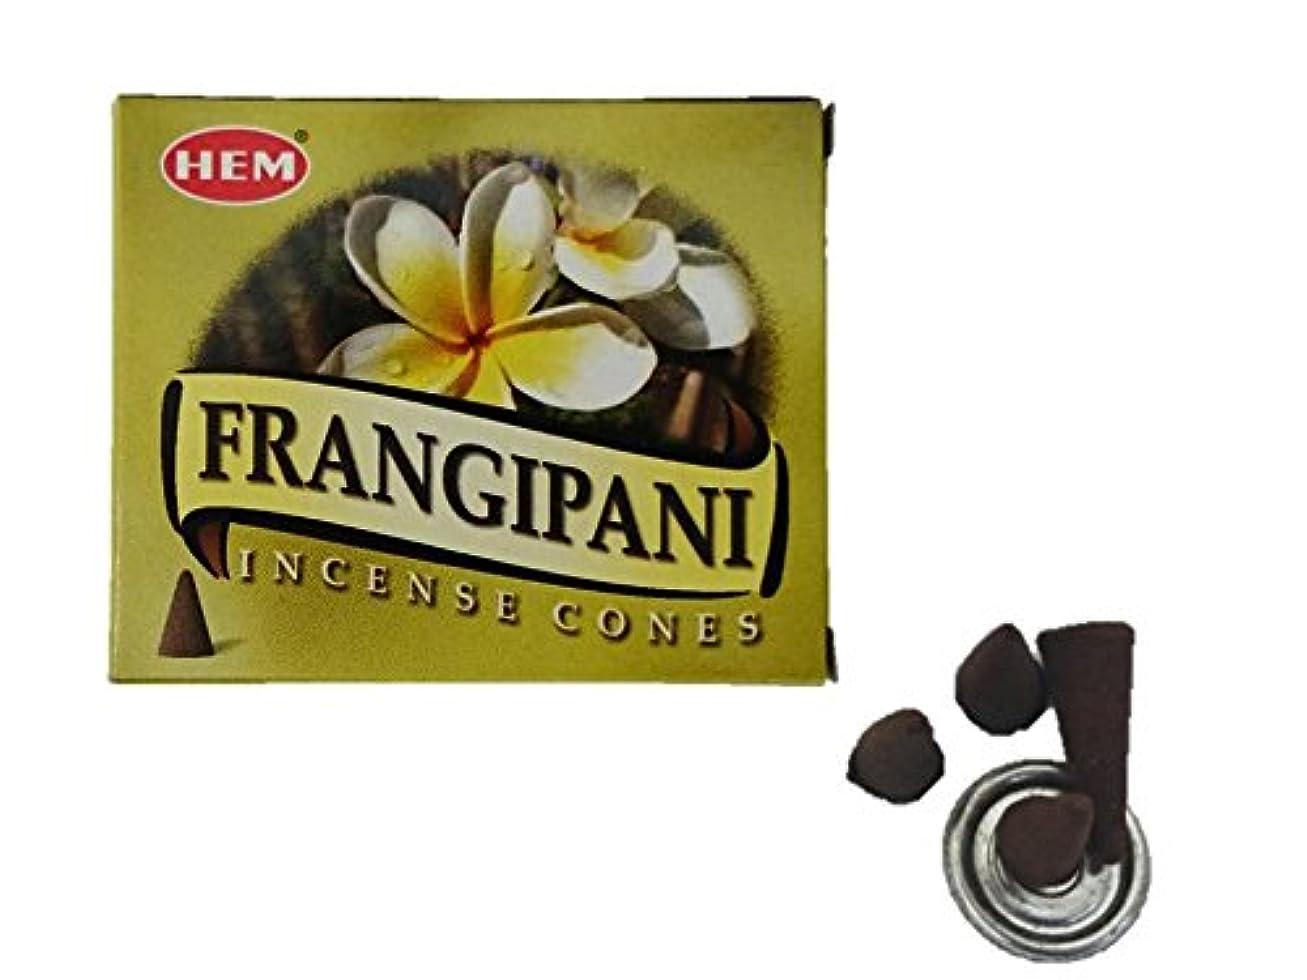 後なんでも氏HEM(ヘム)お香 フランジパニ コーン 1箱